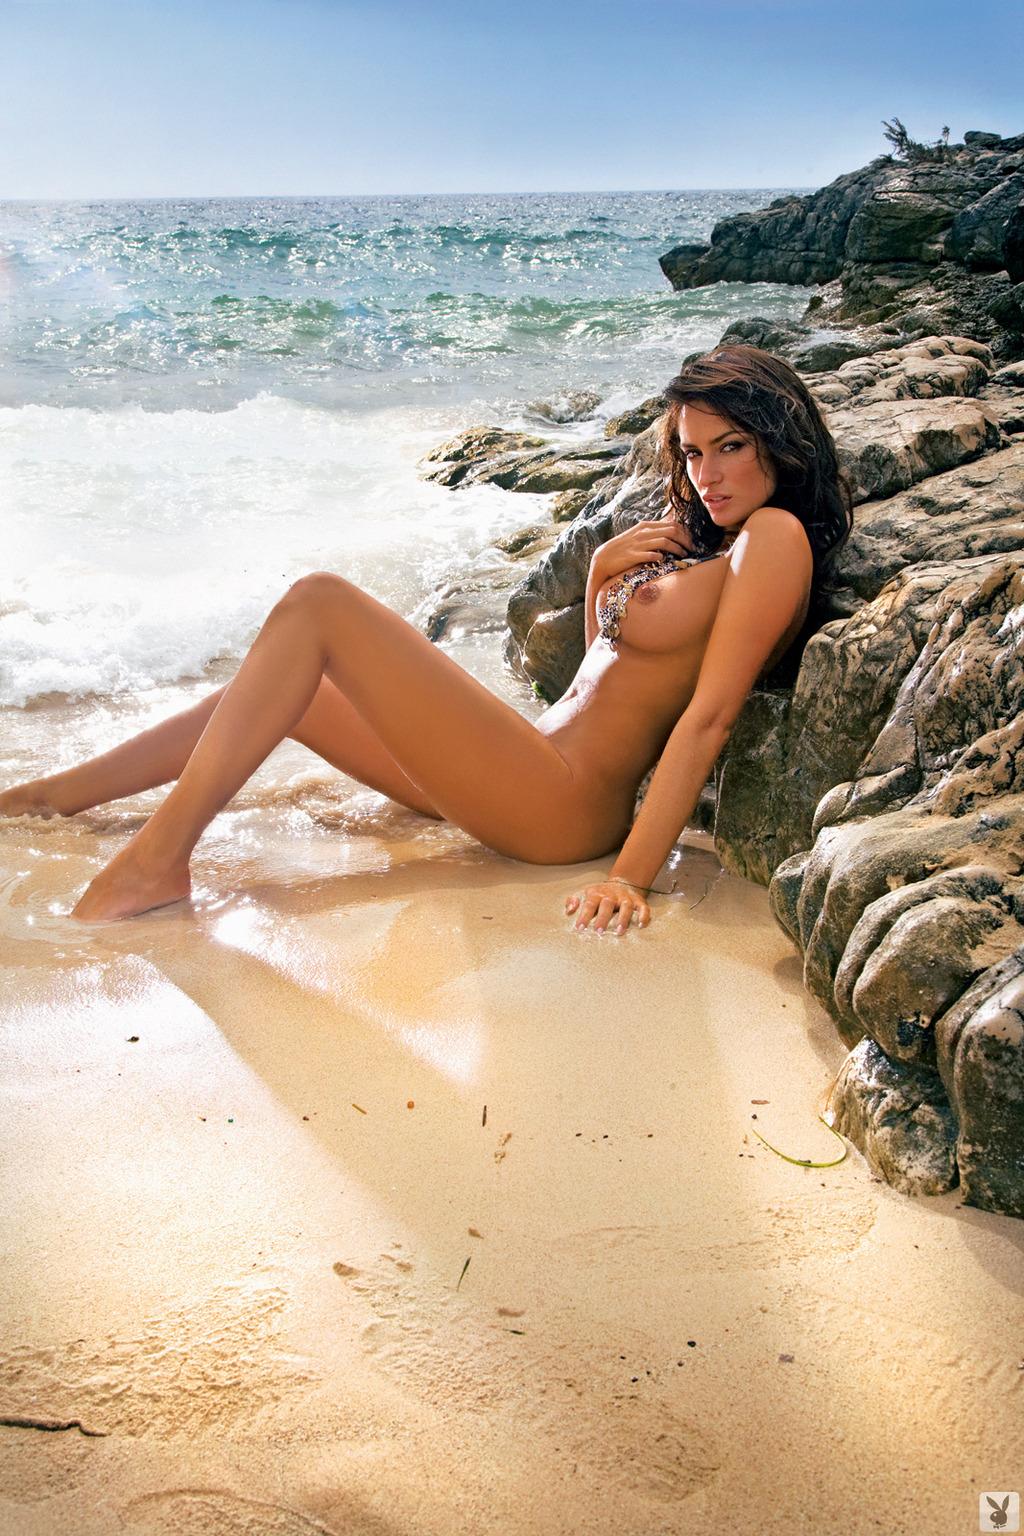 Пляжная эротика онлайн, отымел чужая жена видео